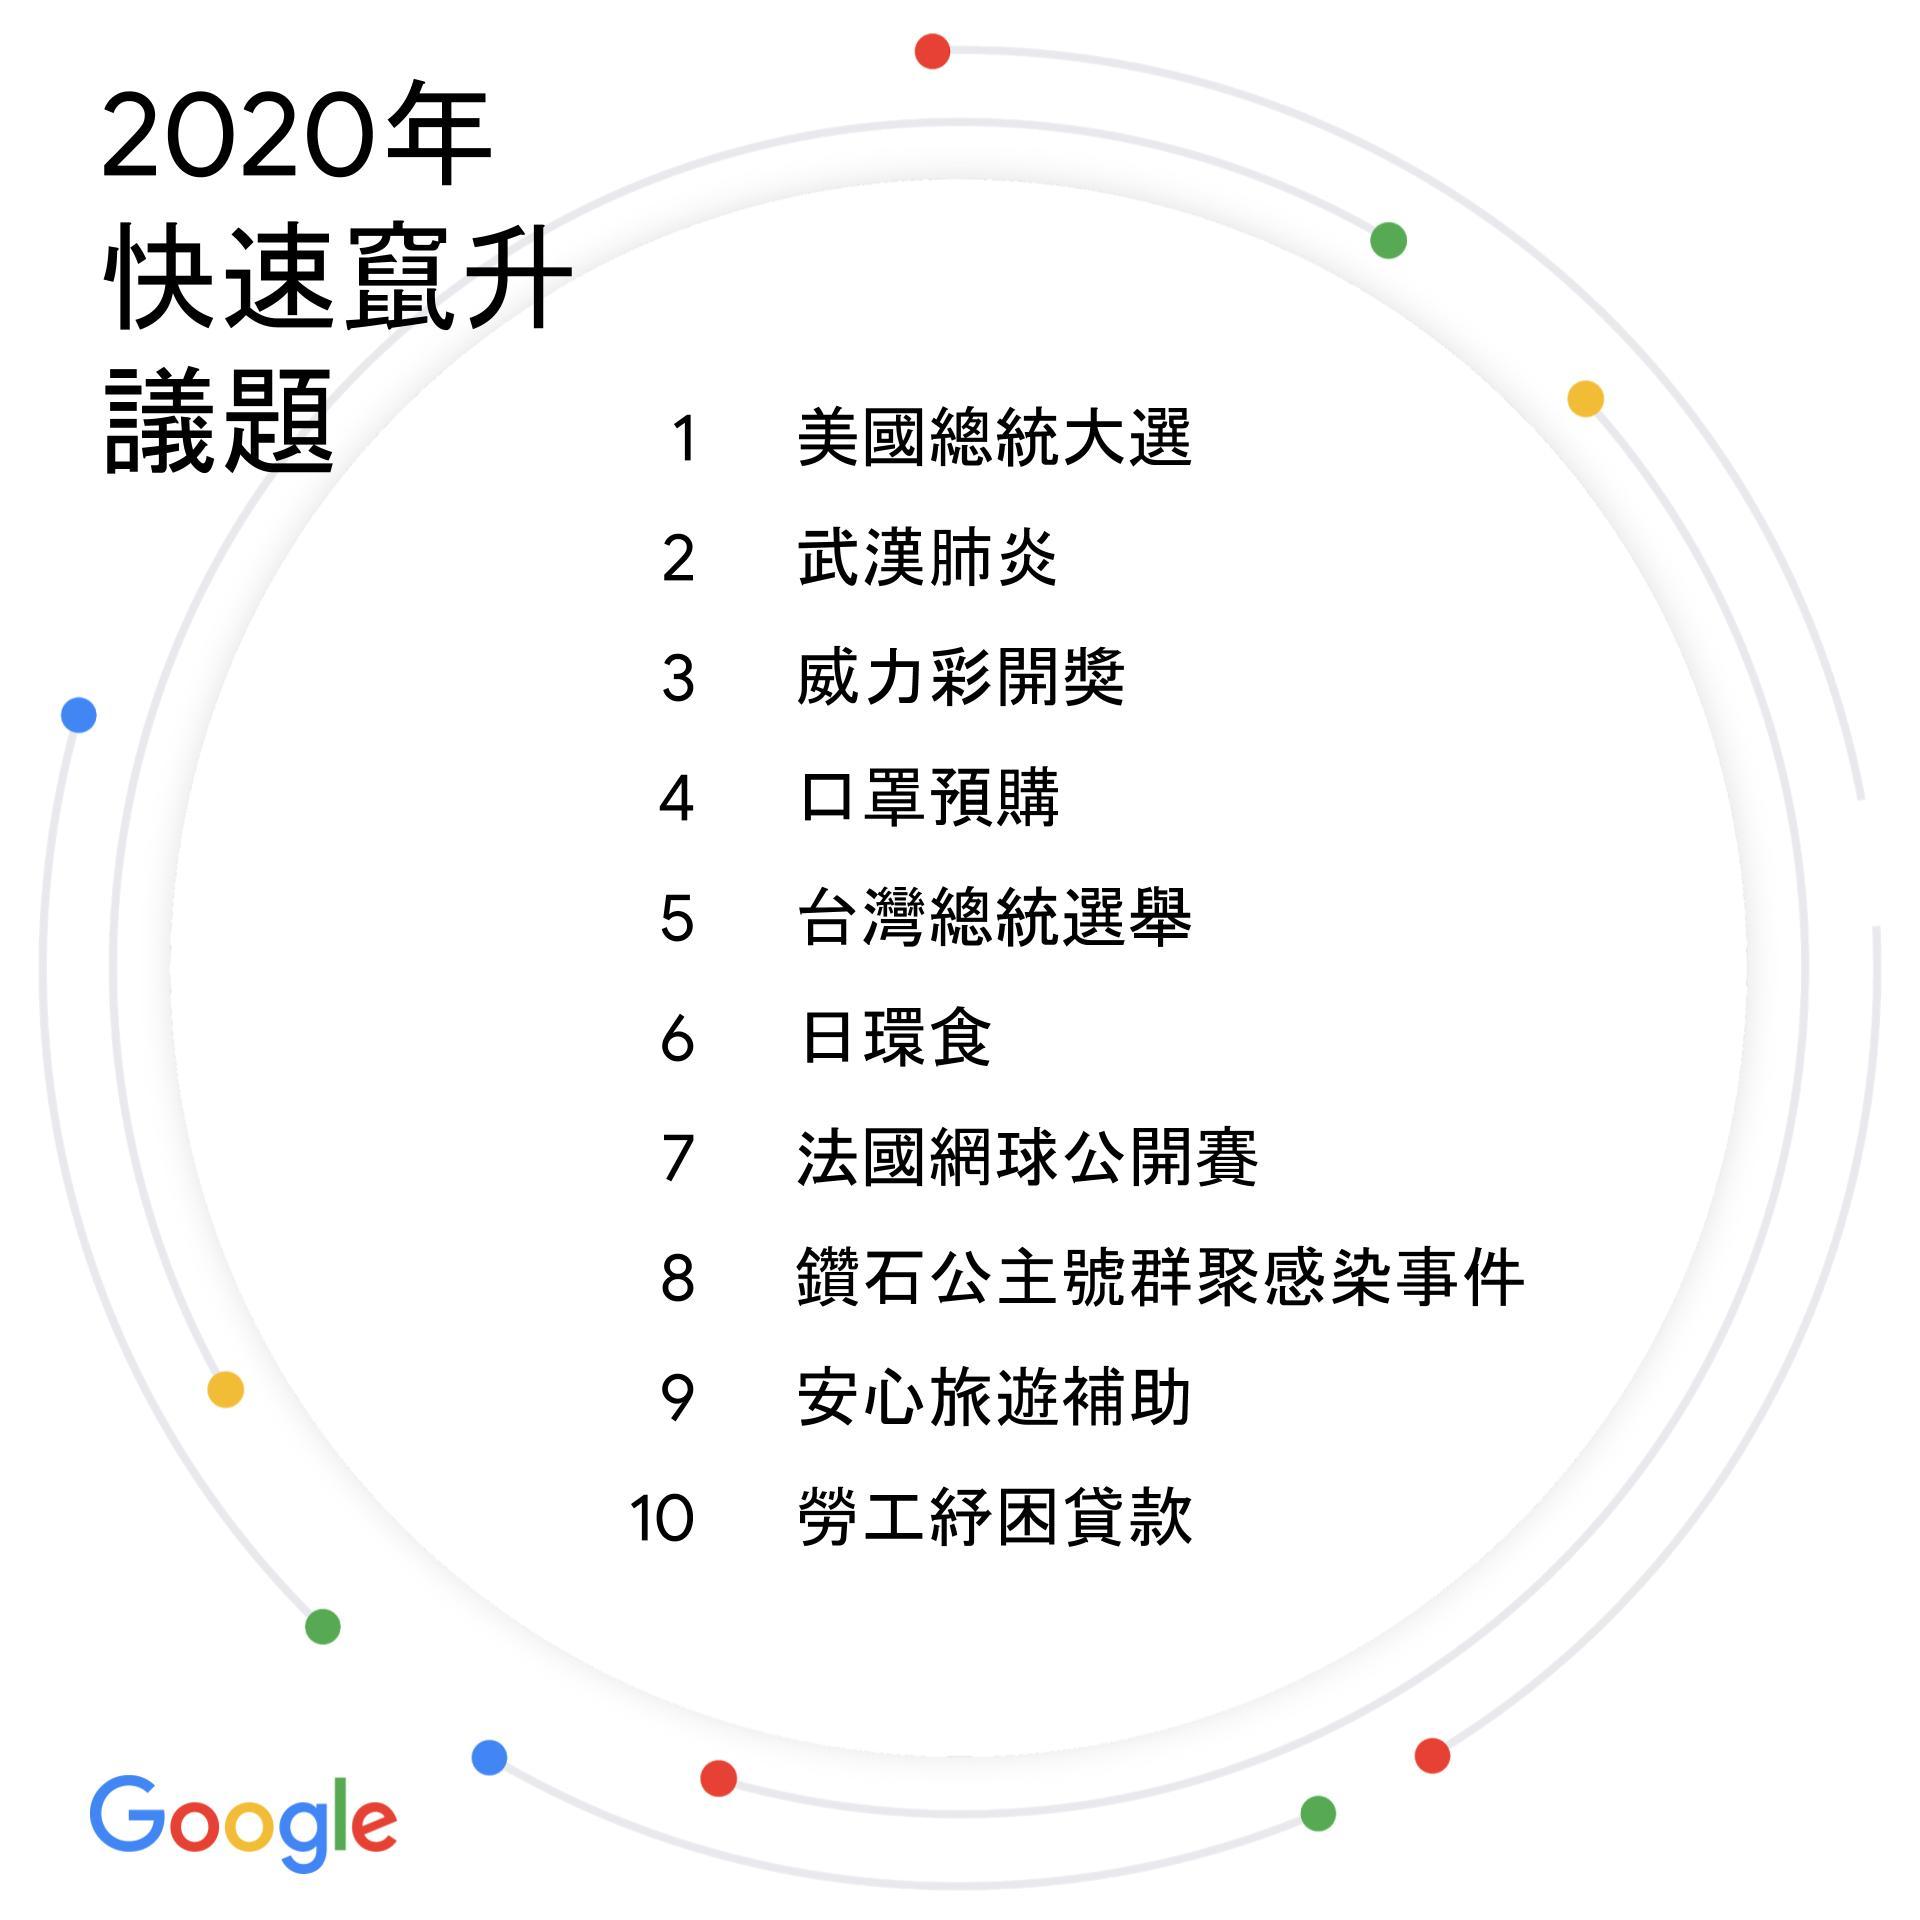 台灣2020年度搜尋排行榜:快速竄升議題(Google提供)